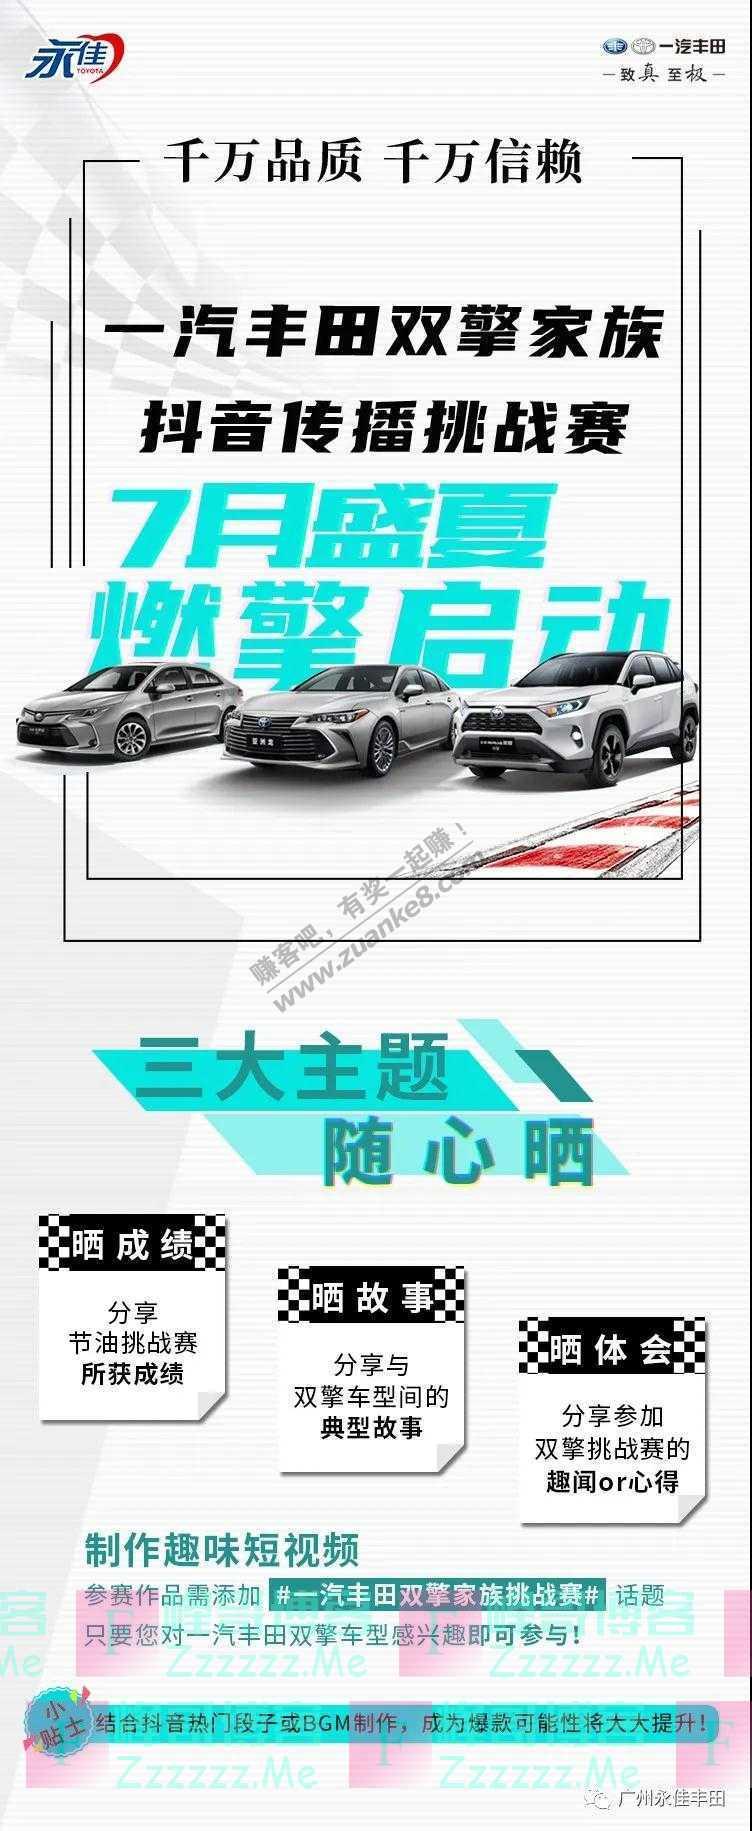 广州永佳丰田双擎家族挑战赛 诚邀您参加抖音传播大赛(截止8月12日)